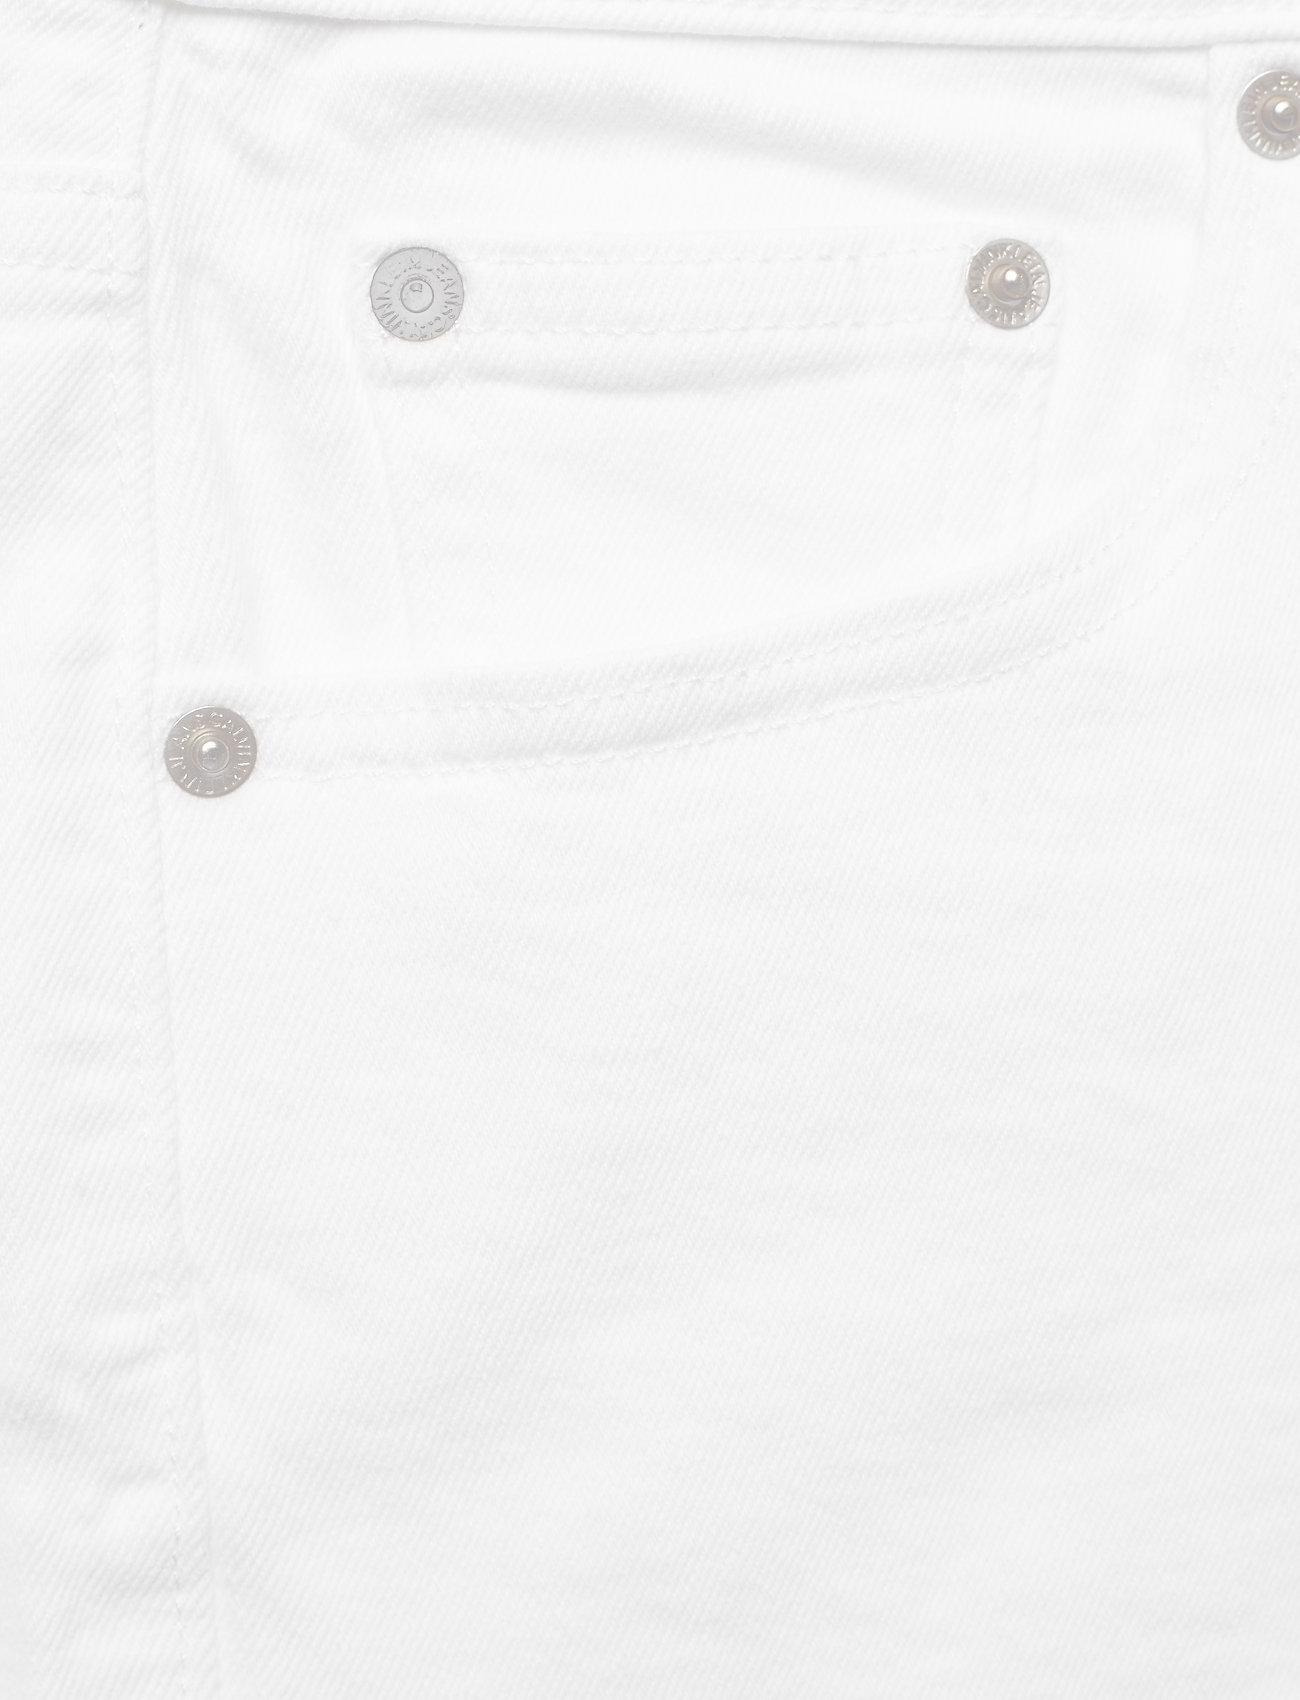 Raw Shortpop White BlueCalvin Weekend Klein Mid Rise Jeans Embroidery zVUGpSqM